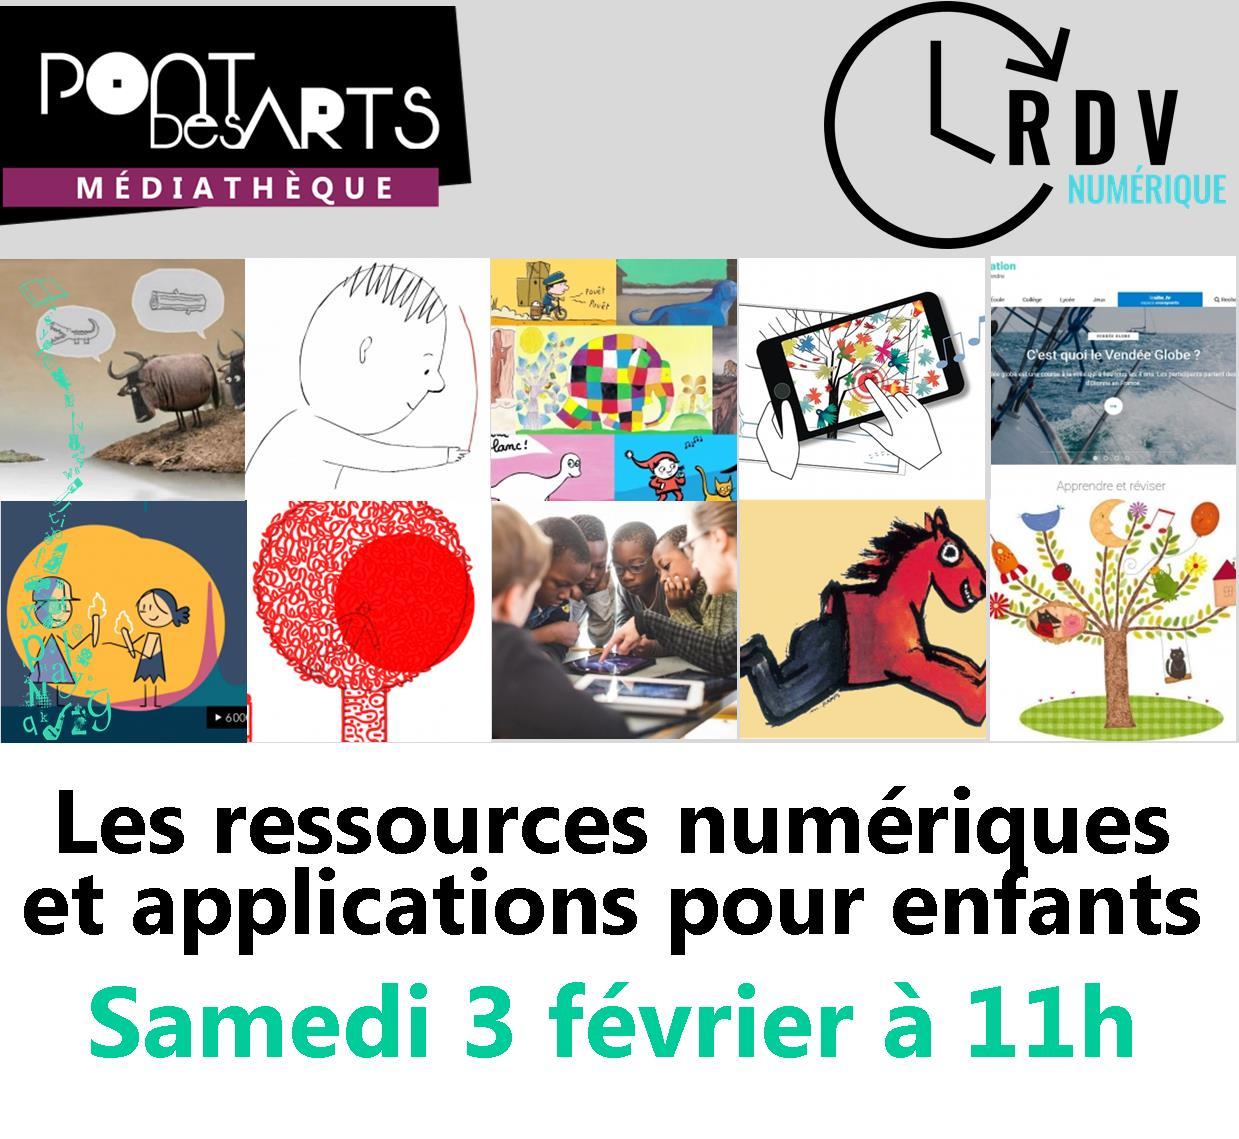 RDV numérique : les ressources et applications pour les enfants |